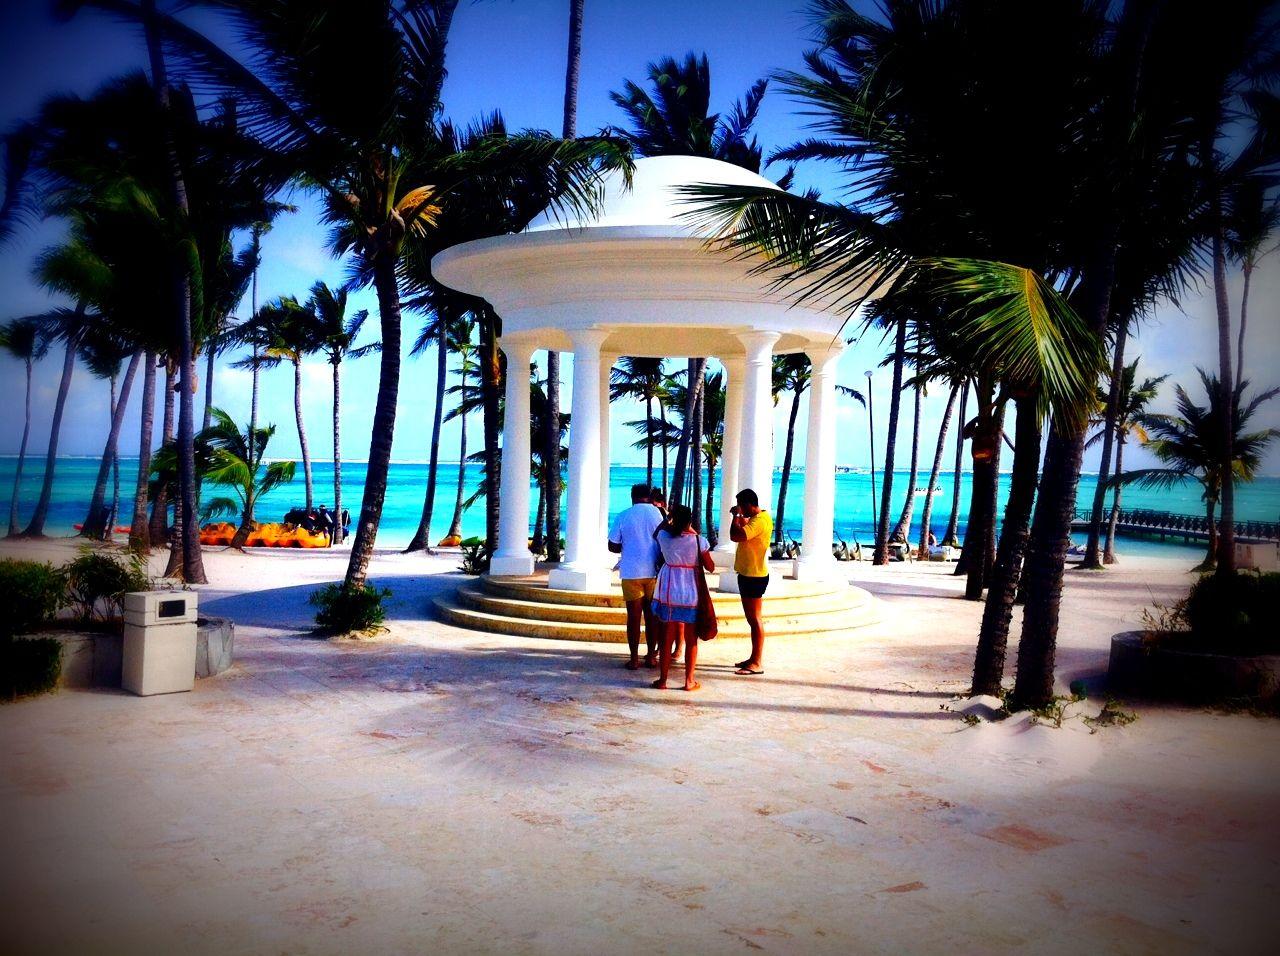 Wedding Gazebo Barceló Palace Punta Cana